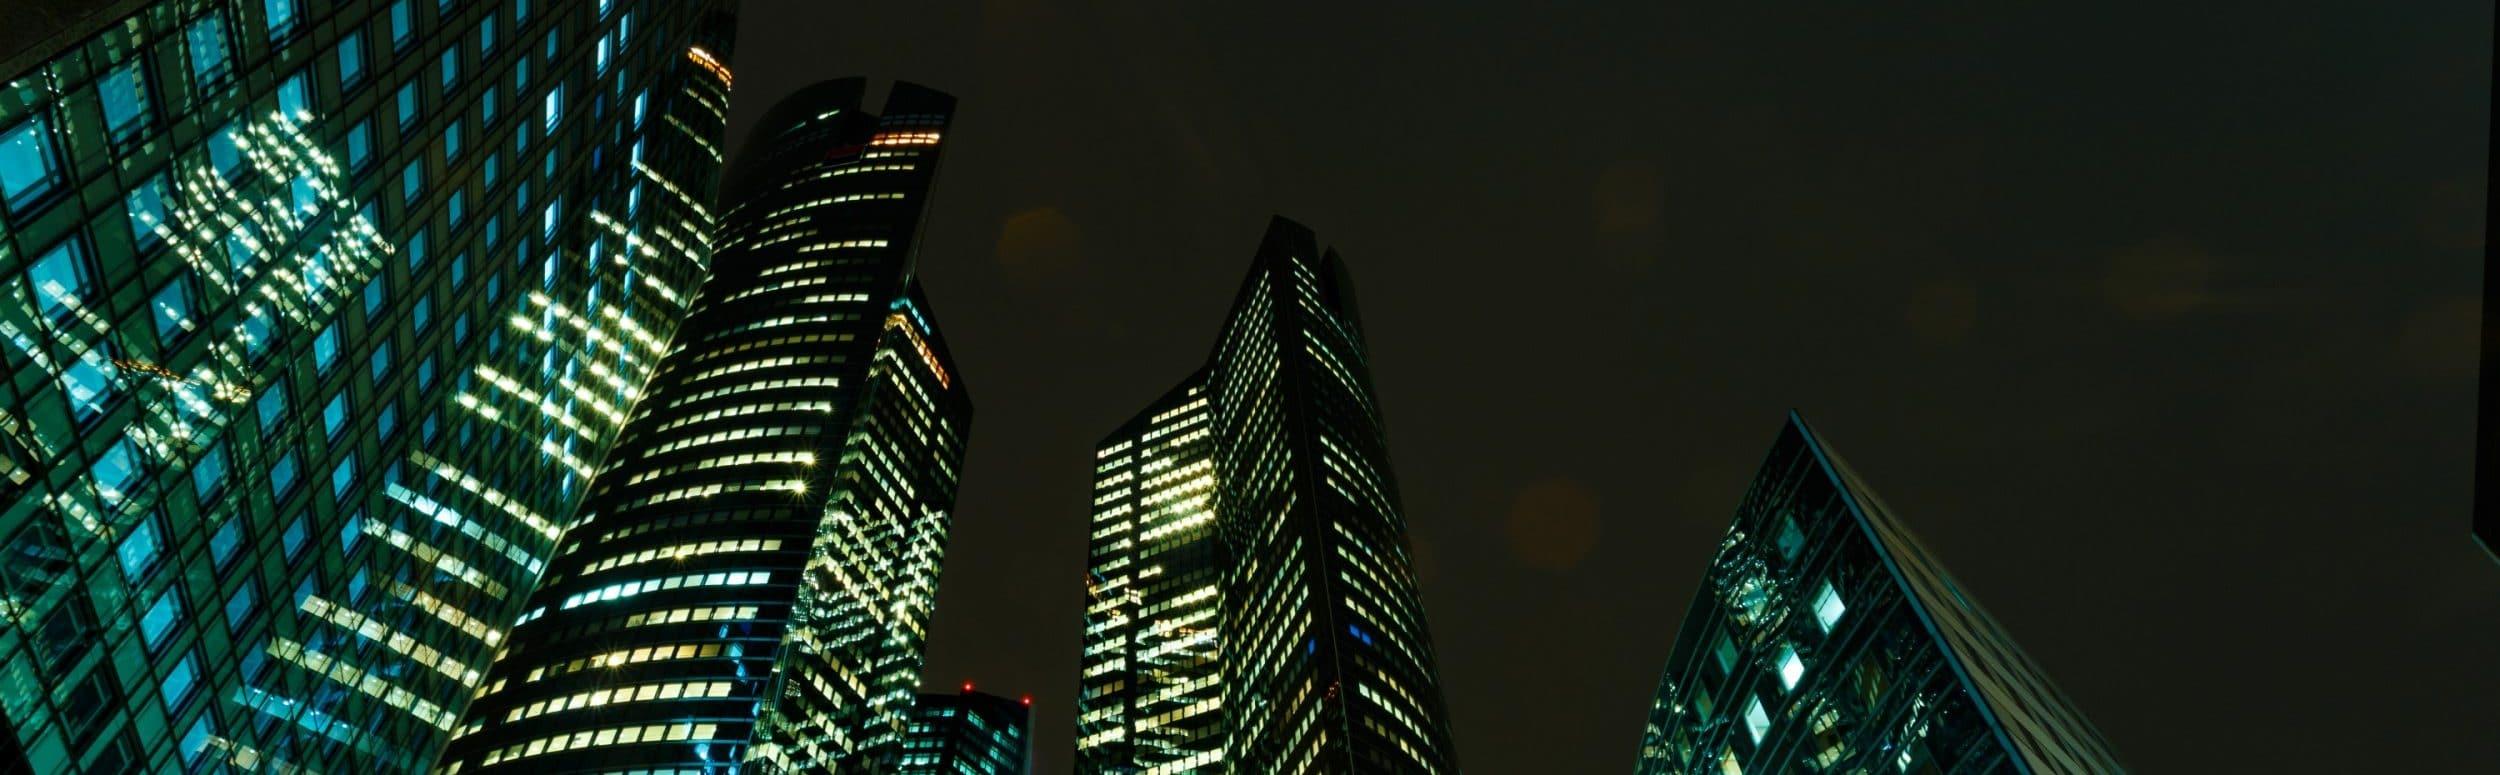 réduire la consommation énergétique des bâtiments